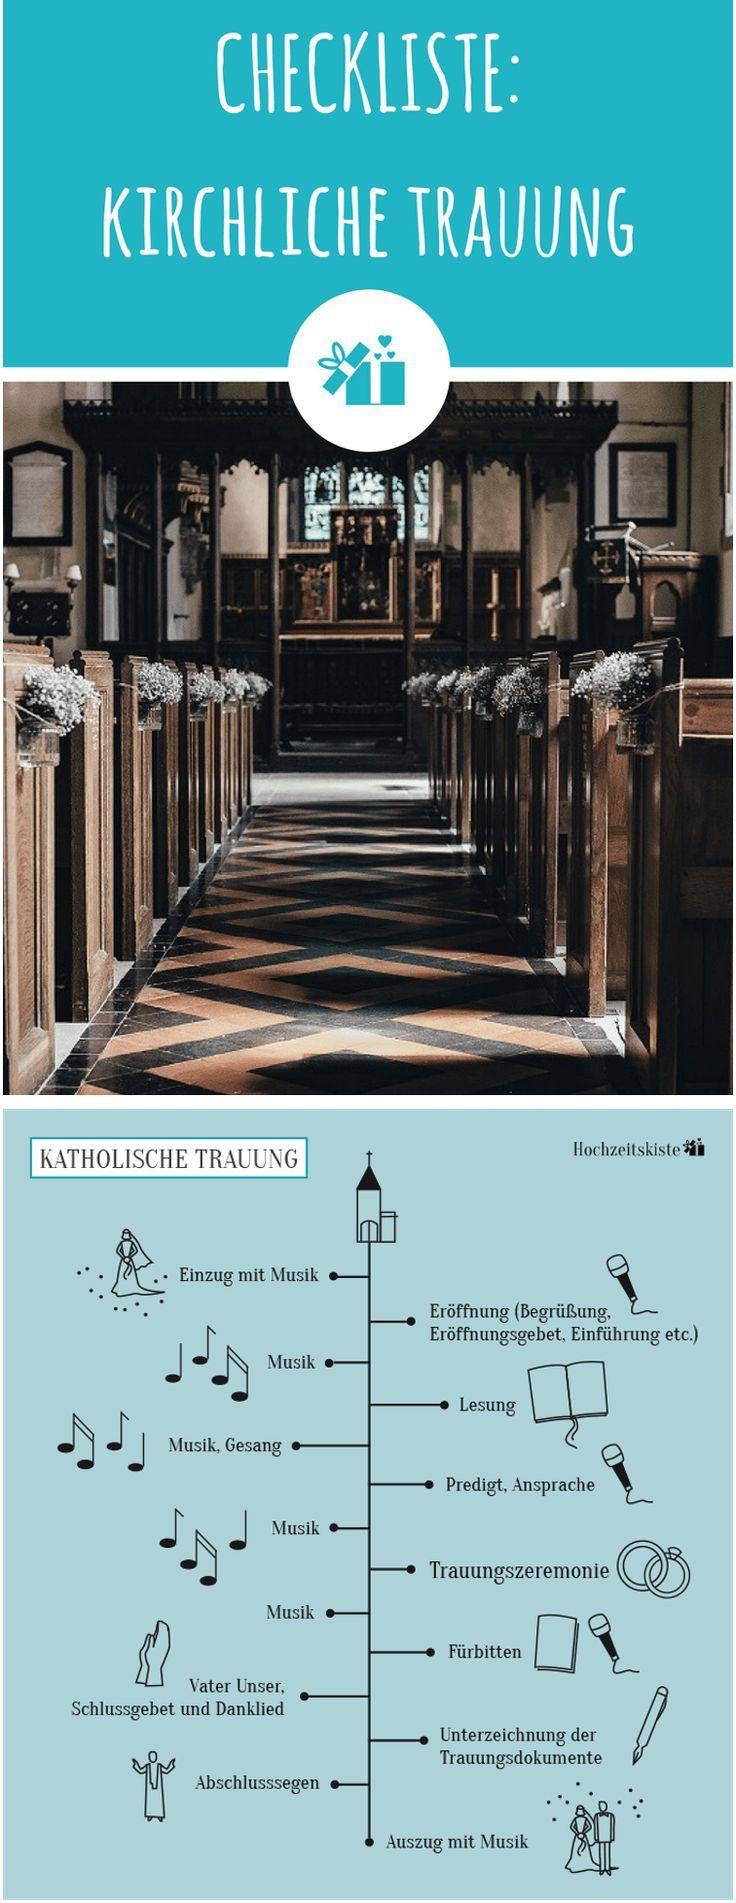 Kirchliche Trauung – praktische Checkliste als gratis PDF-Download